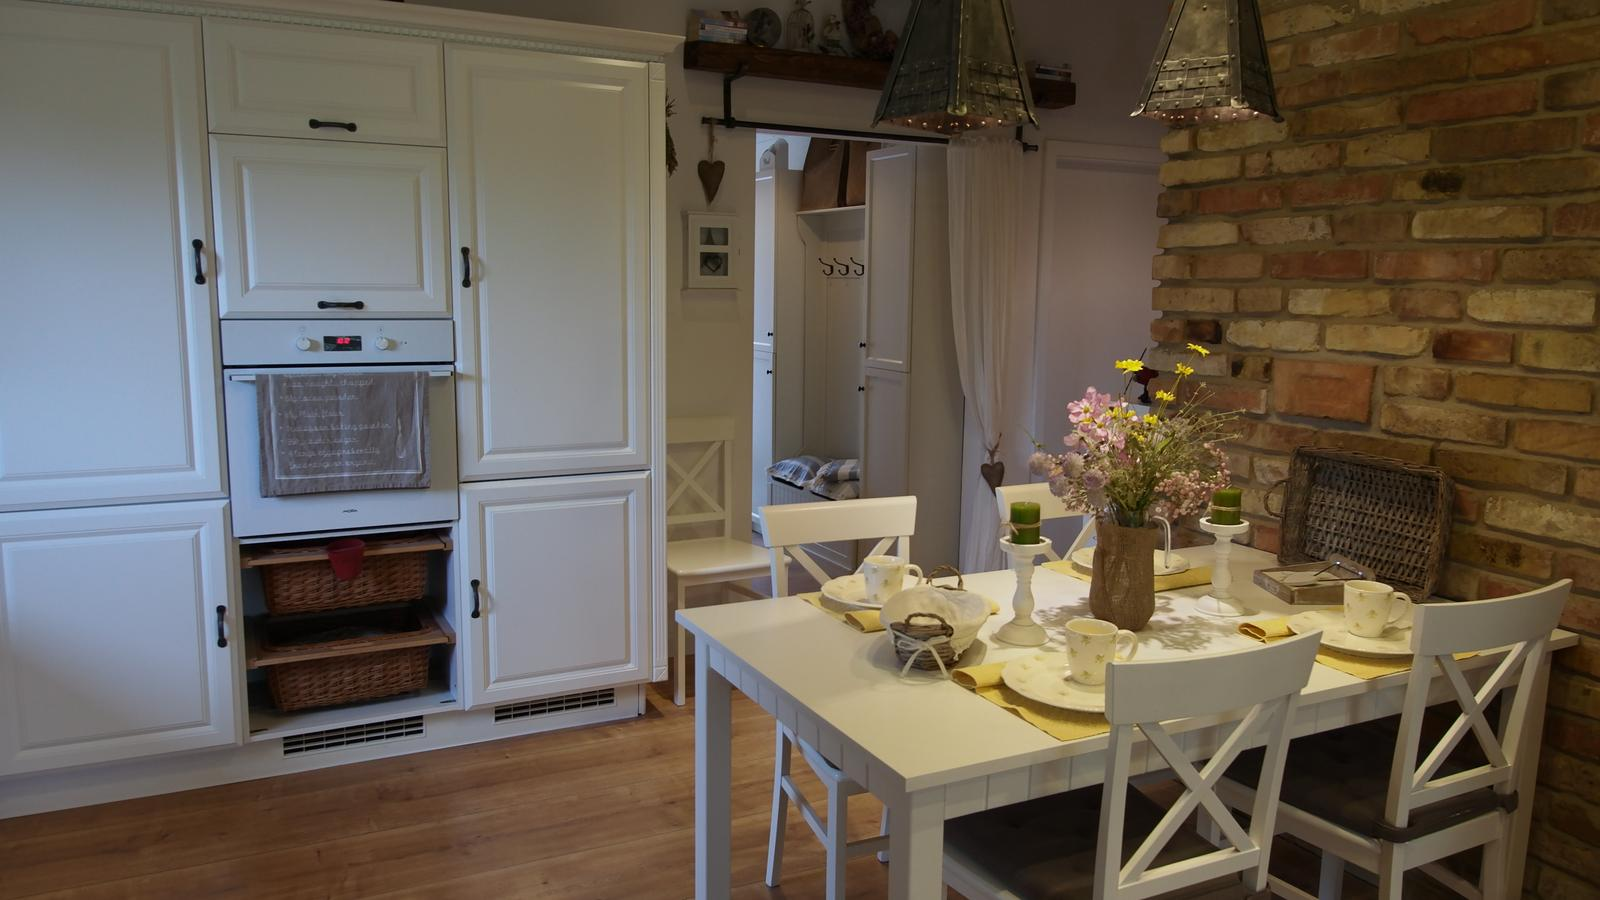 Náš domček ♡ Bramasole ♡ ... Stilo interiér aj exteriér 3. rok bývania - Obrázok č. 32